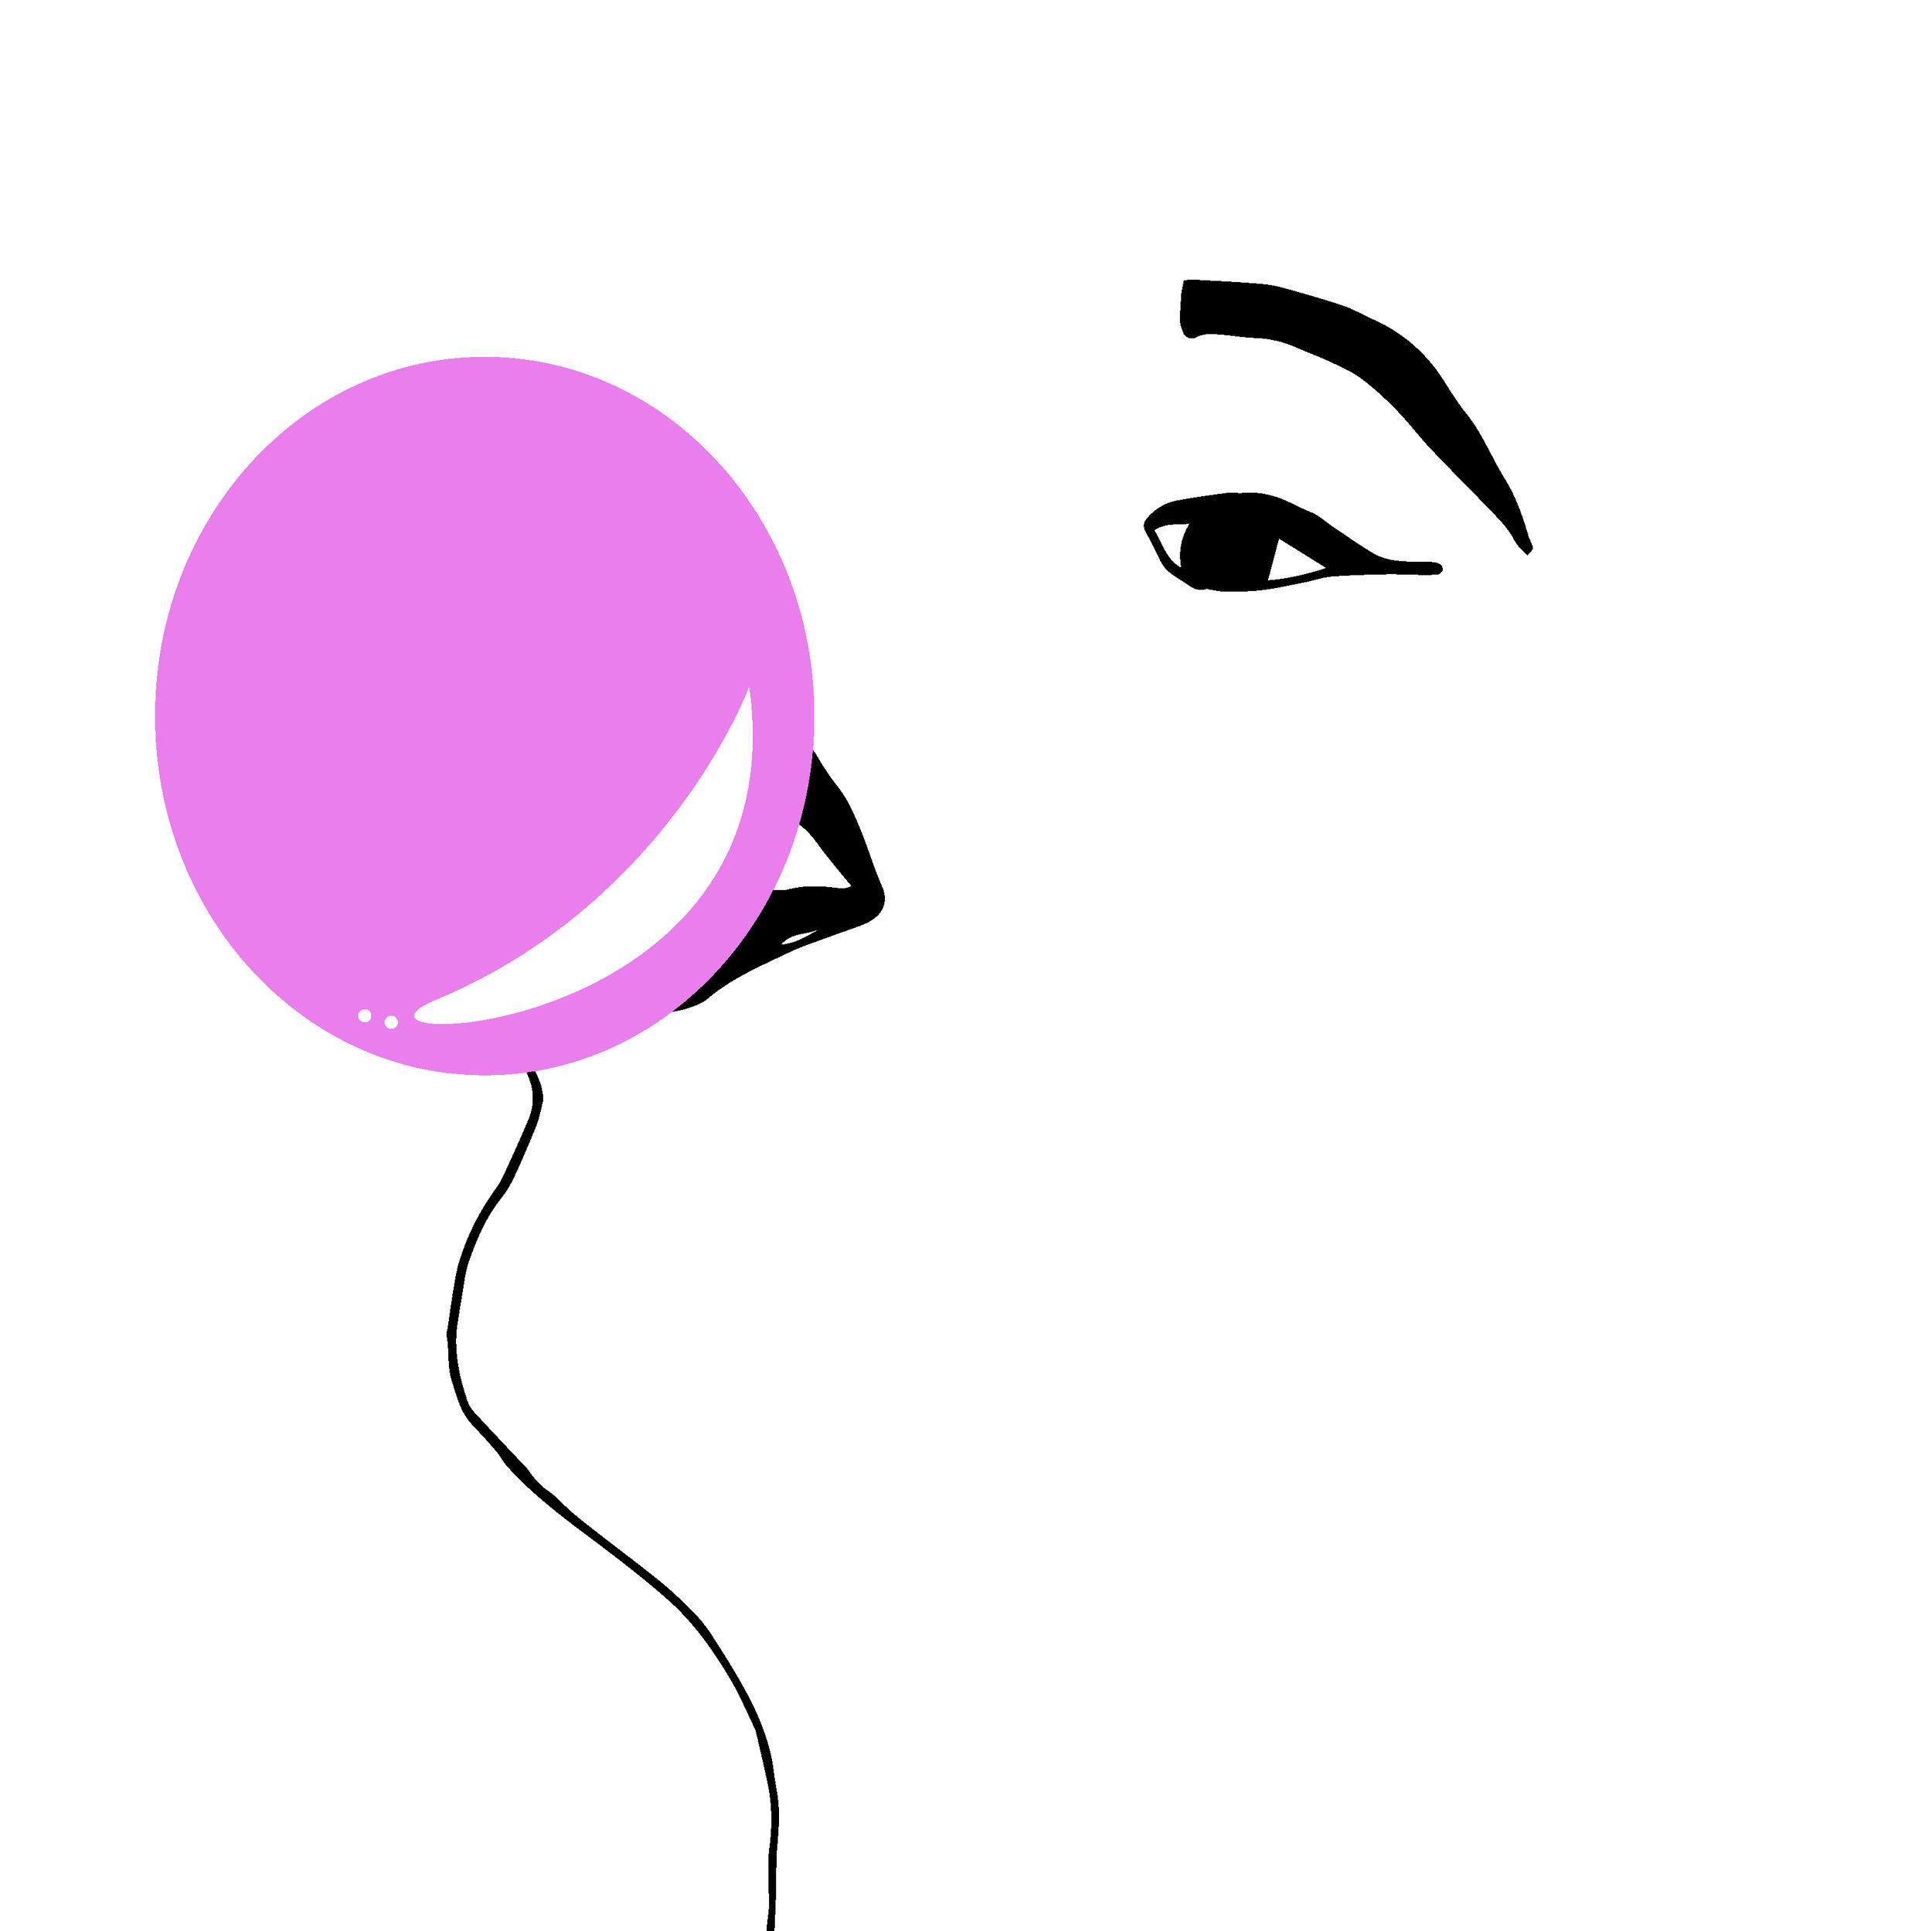 minimal_illustration_bubblegumPop003-01.jpg